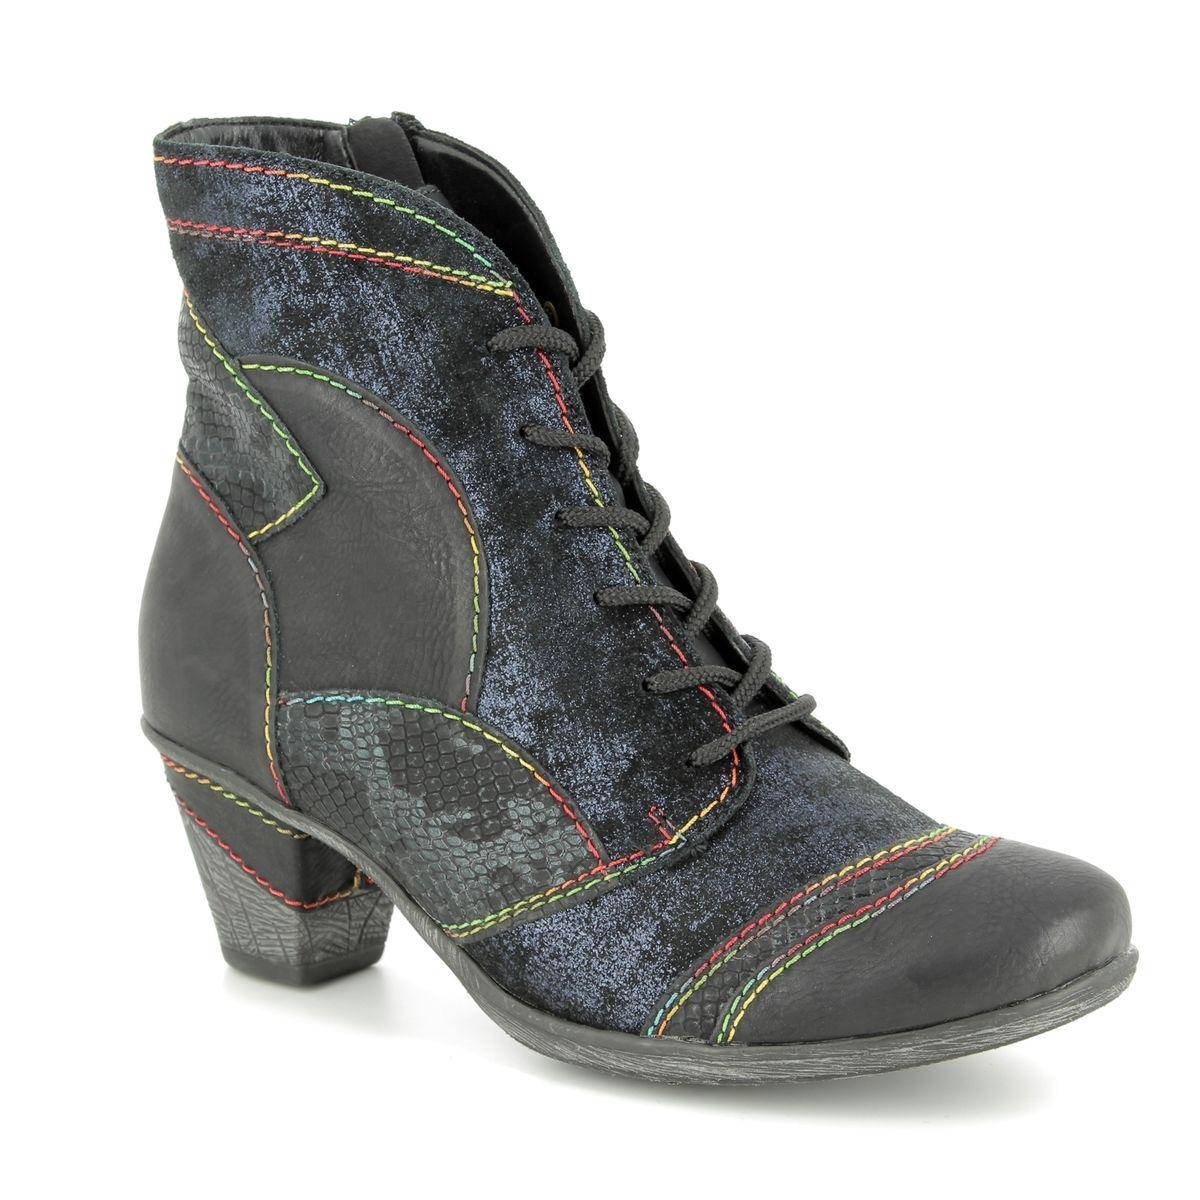 dernier style regard détaillé hot-vente plus récent D8774-02 Annitela at Begg Shoes & Bags